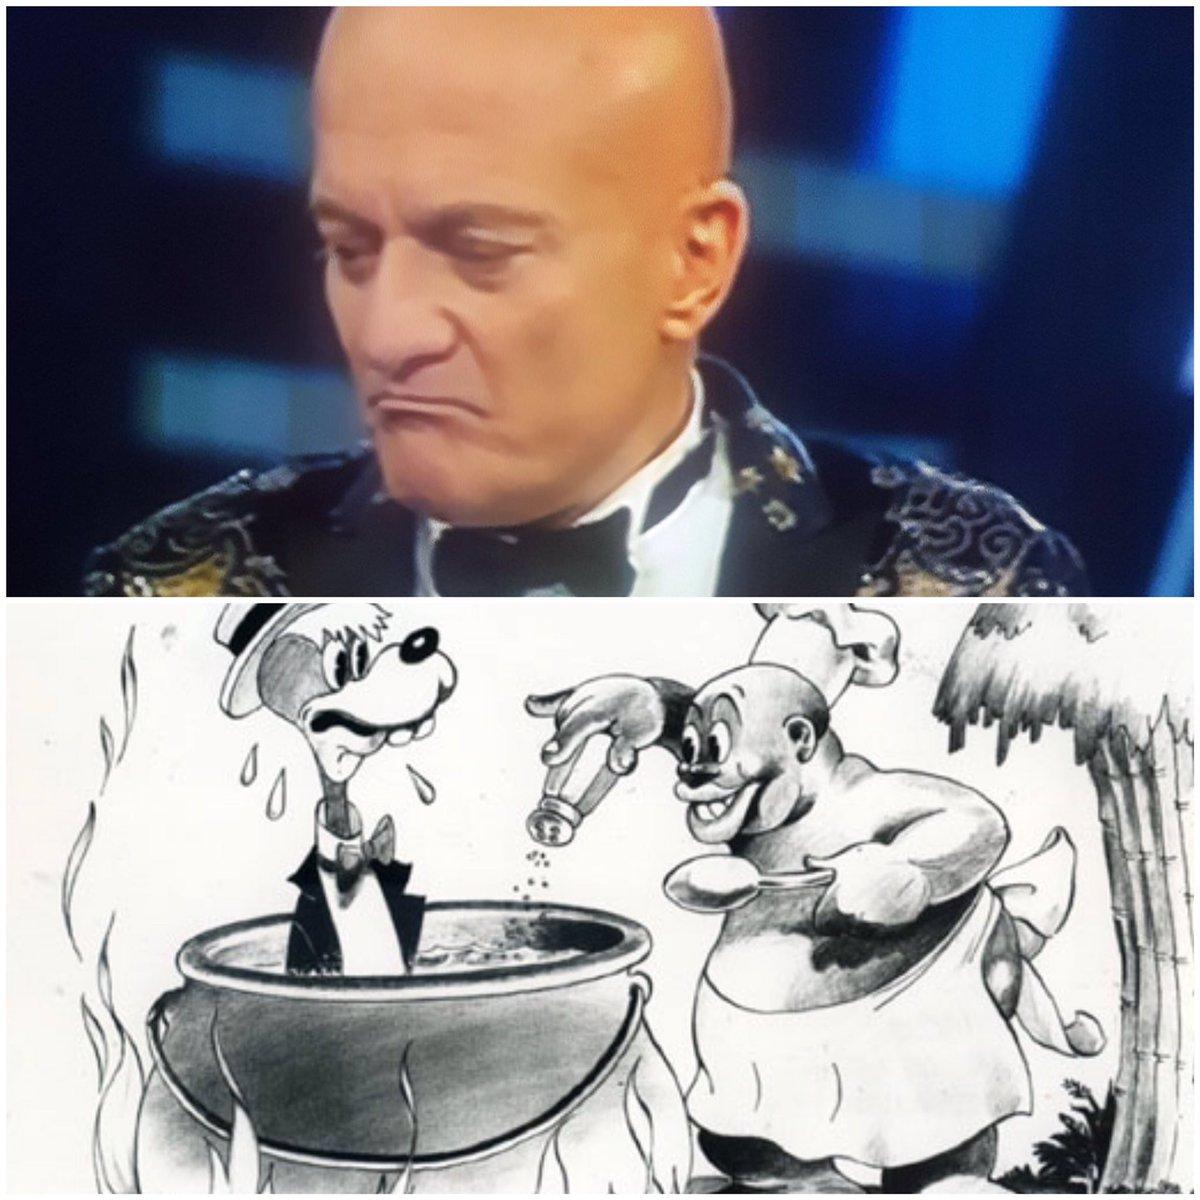 """Il monologo """"anti-razzista"""" di Bisio a #Sanremo2019: ecco come immagina lui gli africani, """"col pentolone a cantare Hakuna Matata"""". Per fortuna che era anti-razzista... 🤦🏾♀️"""